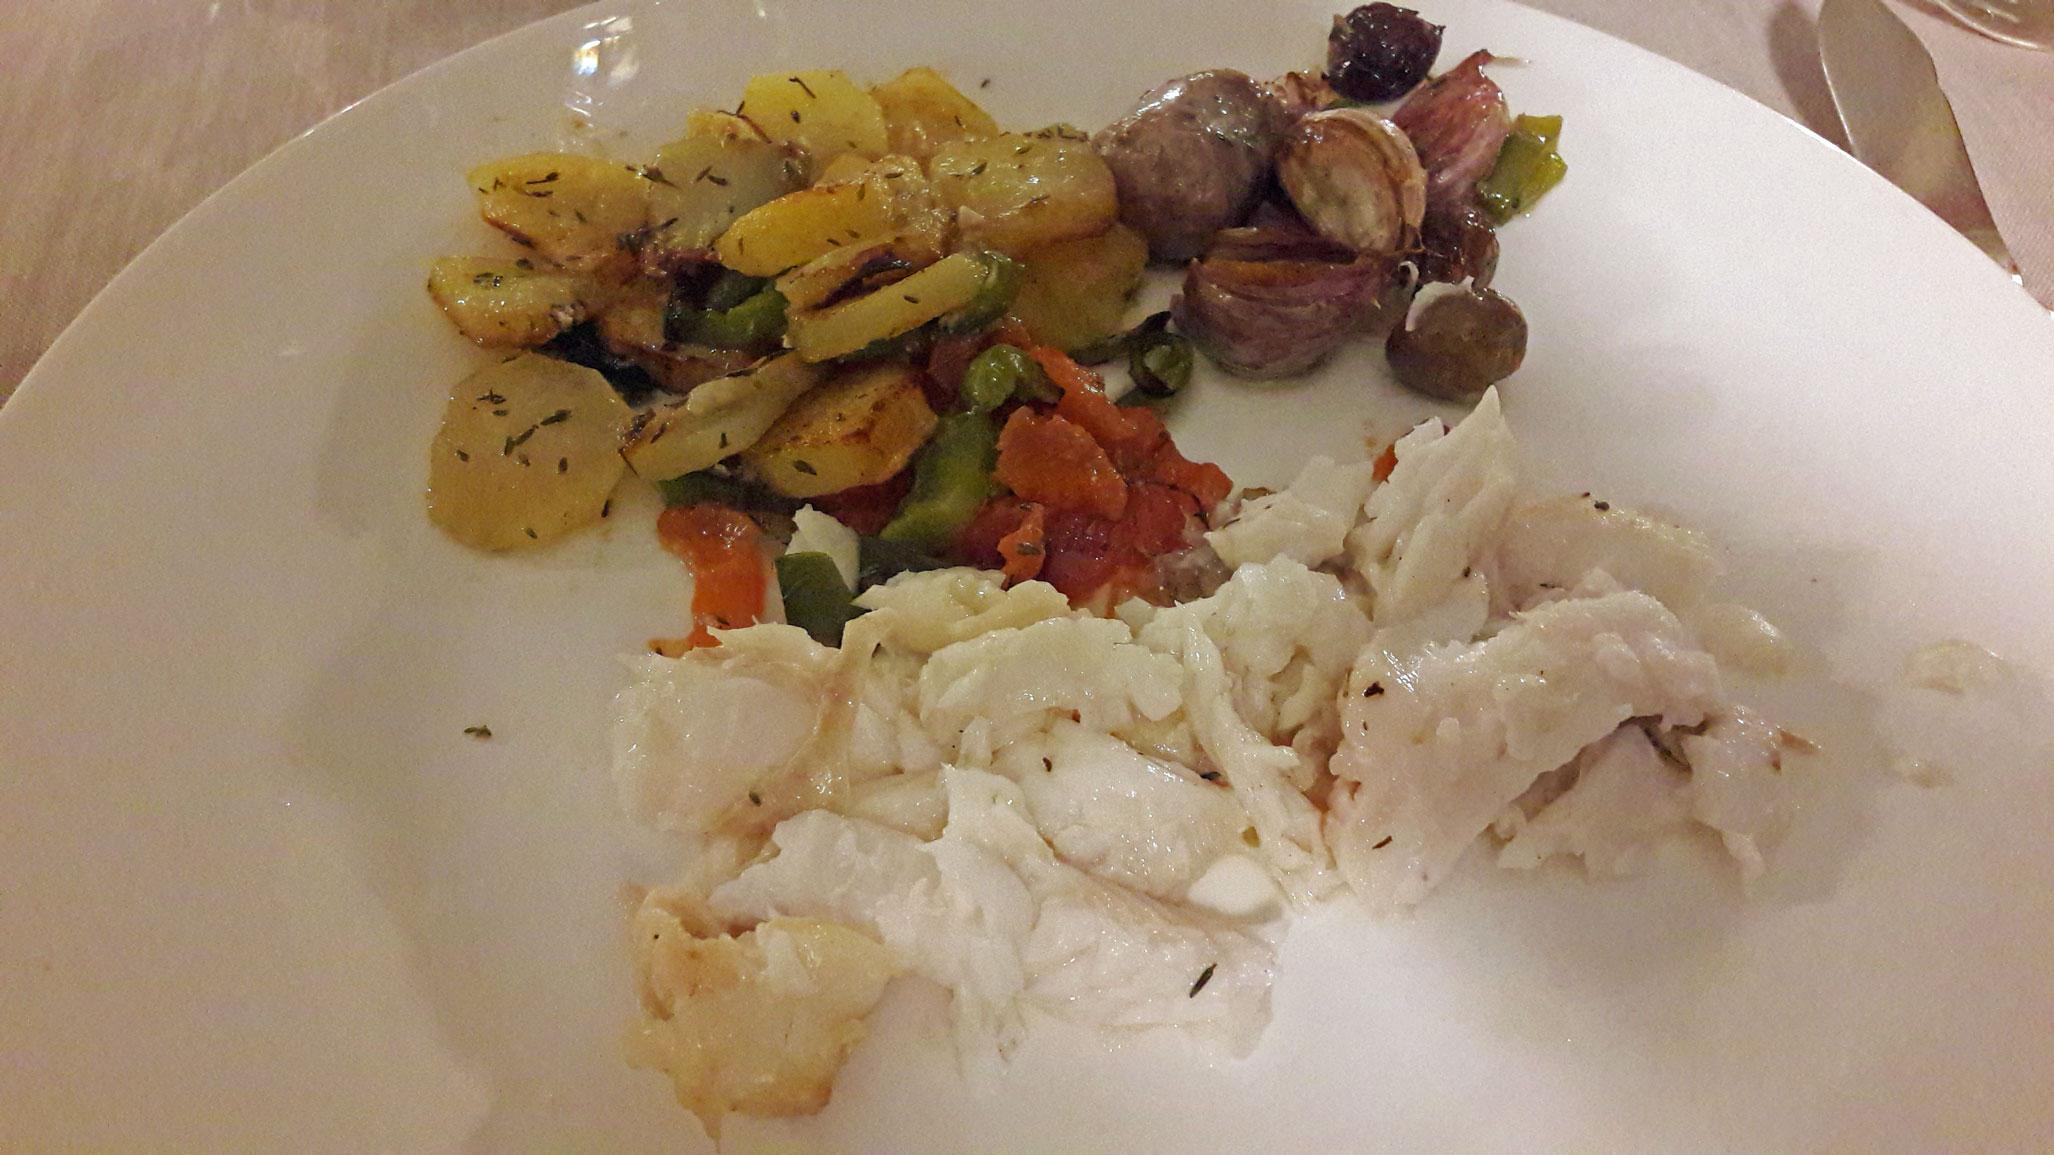 Restaurante El Motel Emplatado del cabracho al horno con patatas, pimientos, ajos, butifarra y setas